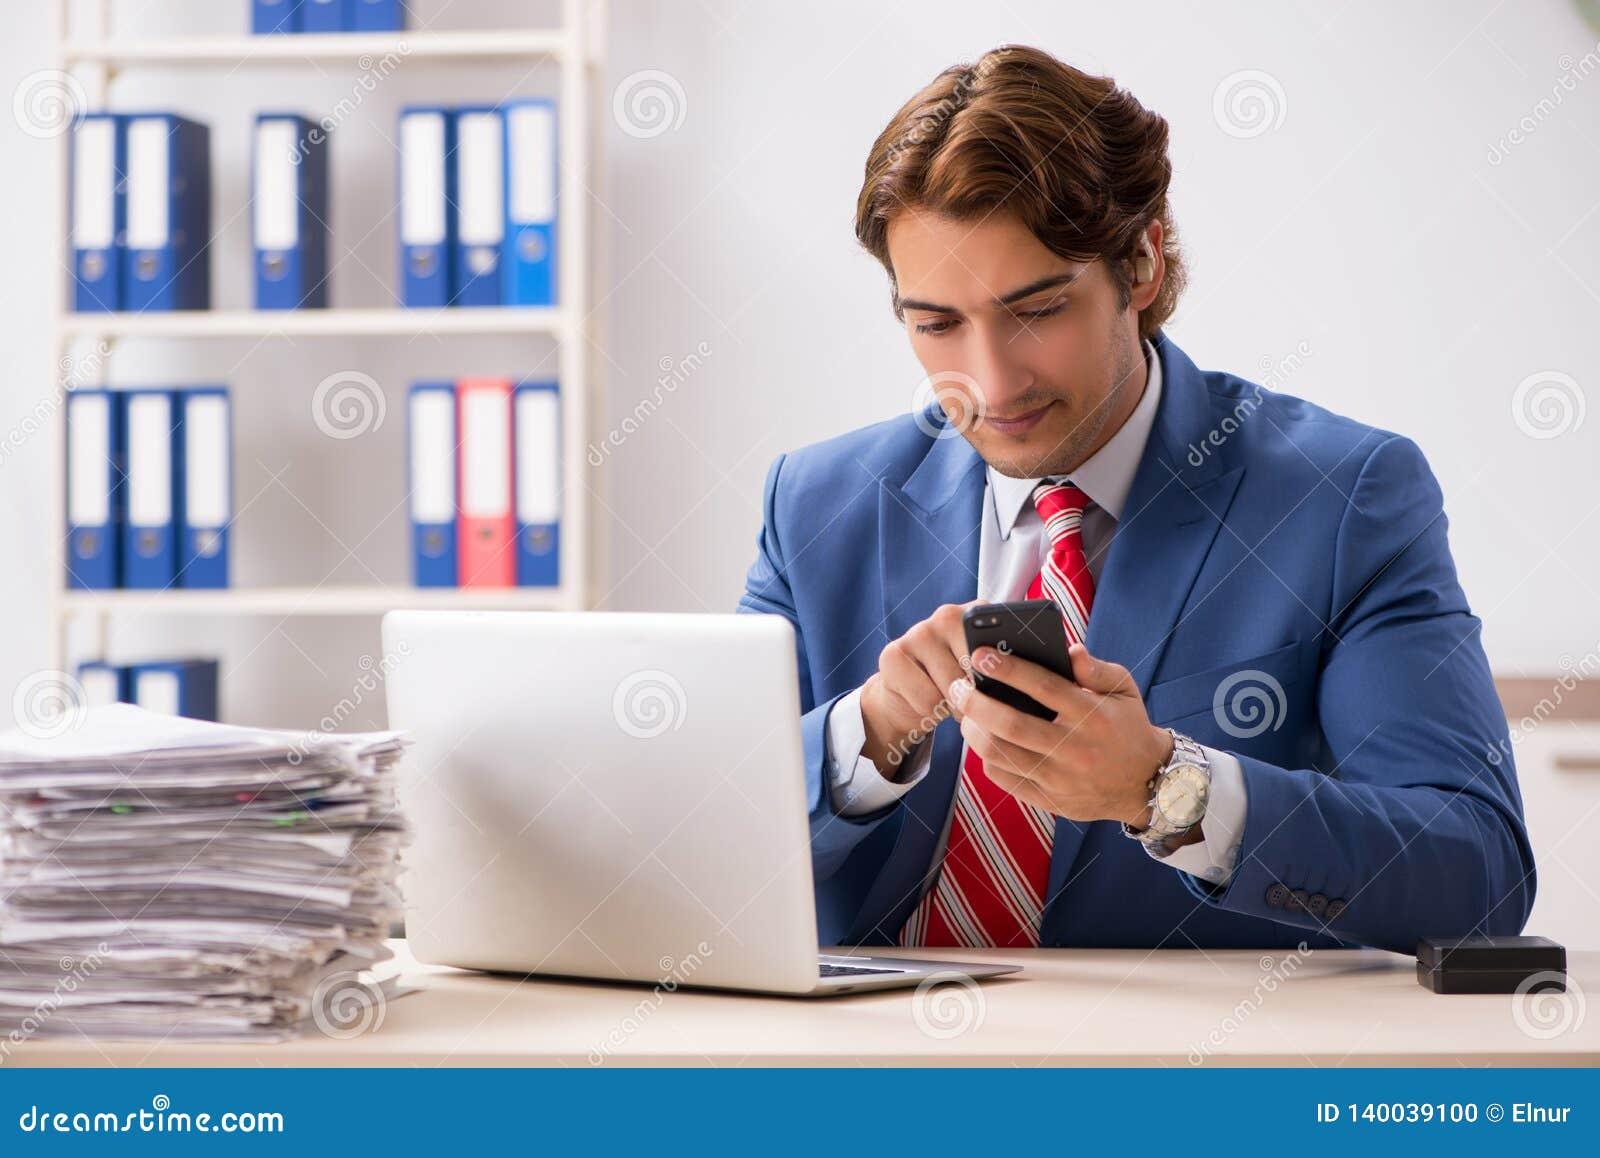 O empregado surdo que usa a prótese auditiva no escritório